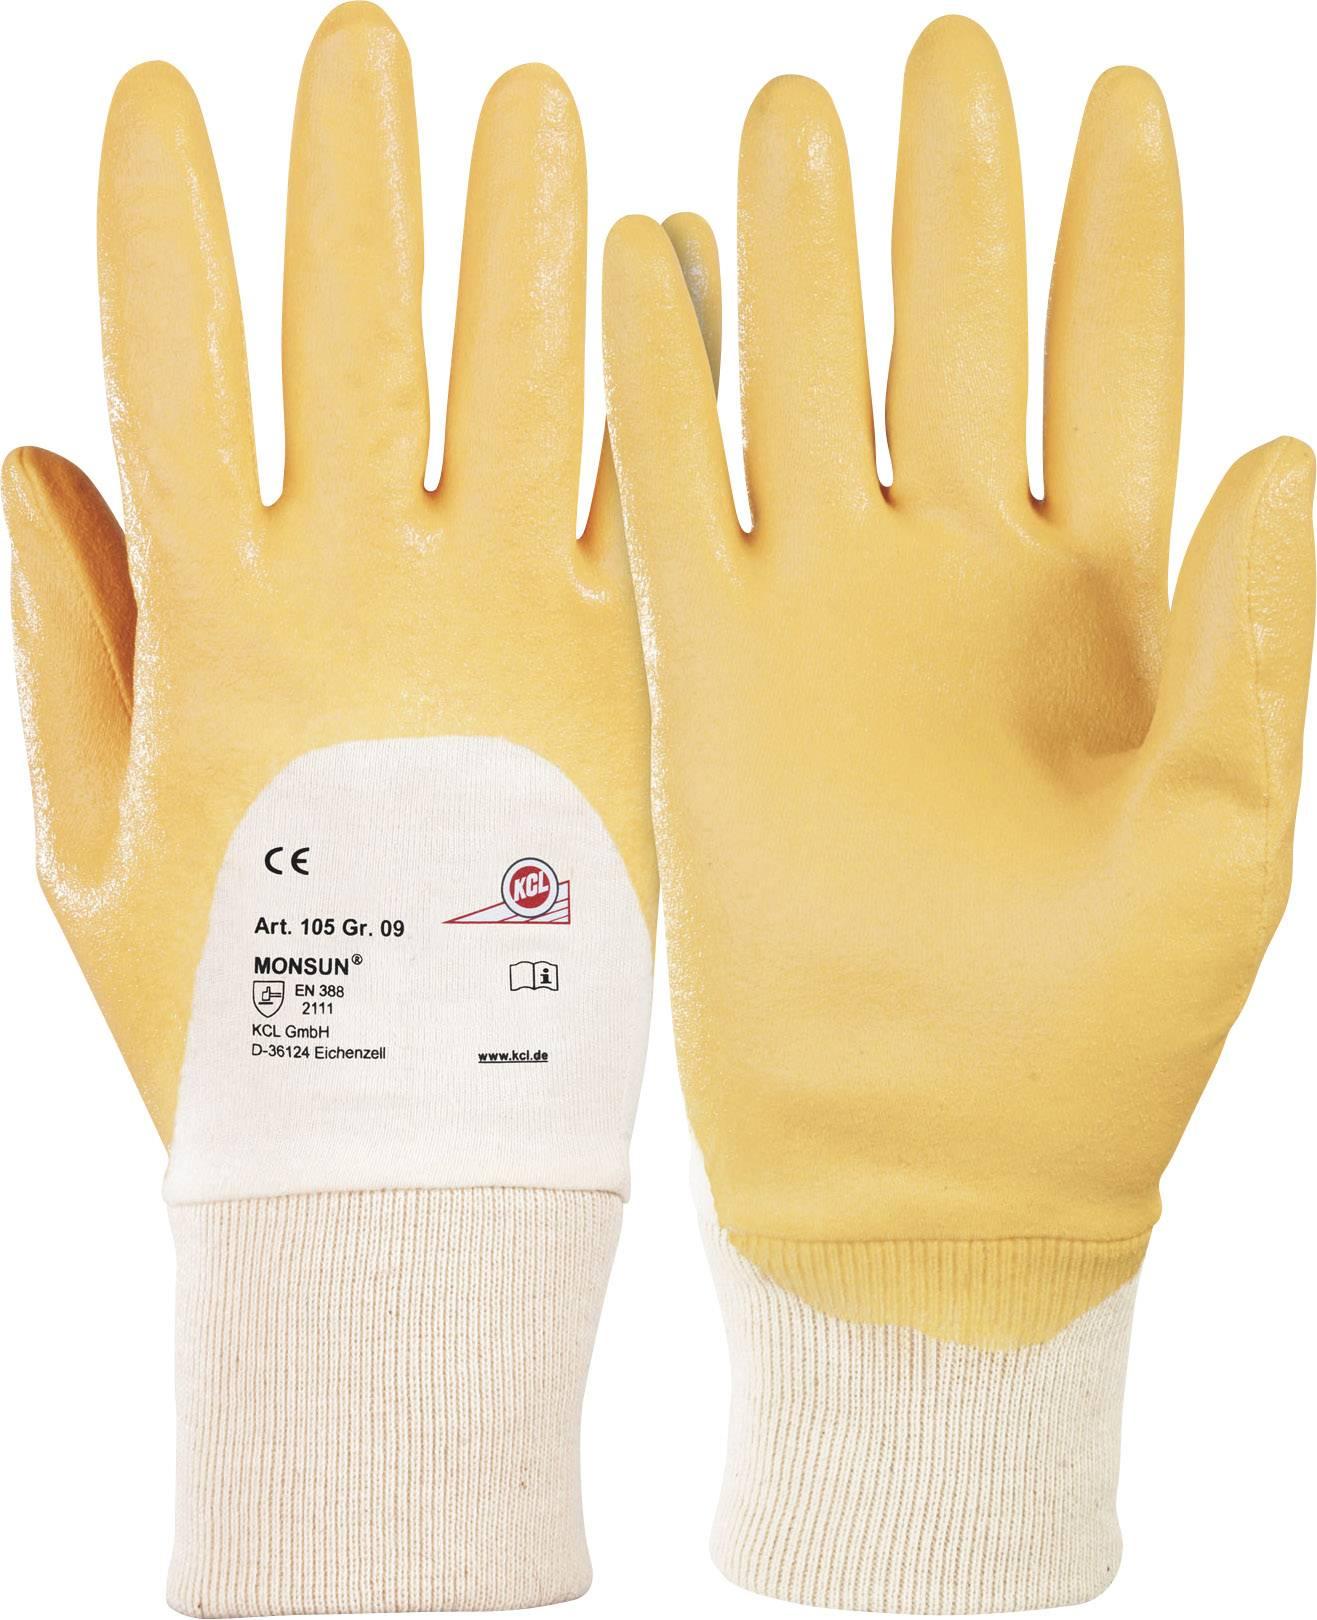 Pracovné rukavice KCL Monsun® 105, velikost rukavic: 9, L